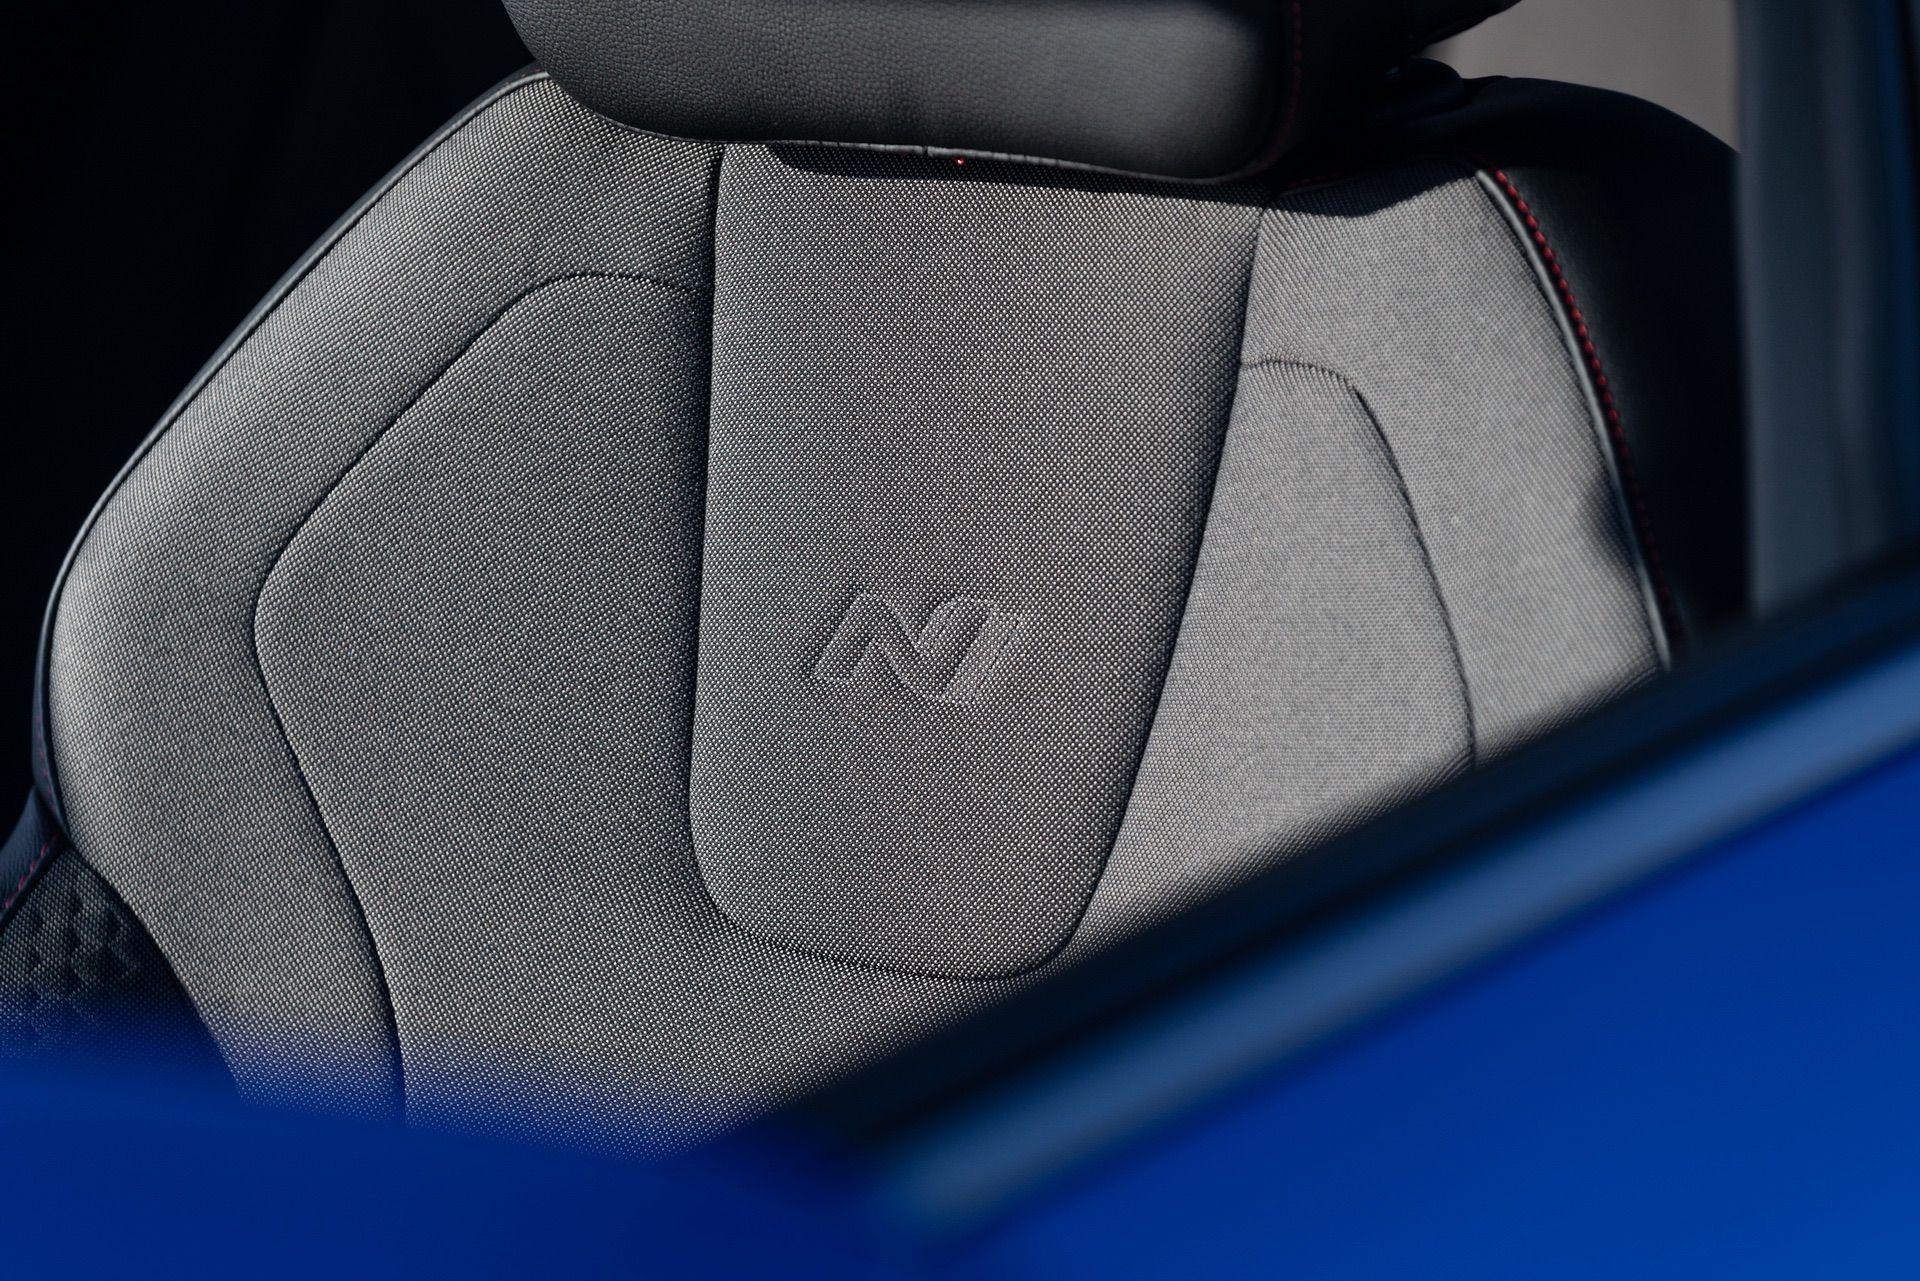 Hyundai-Elantra-N-Line-i30-Sedan-38